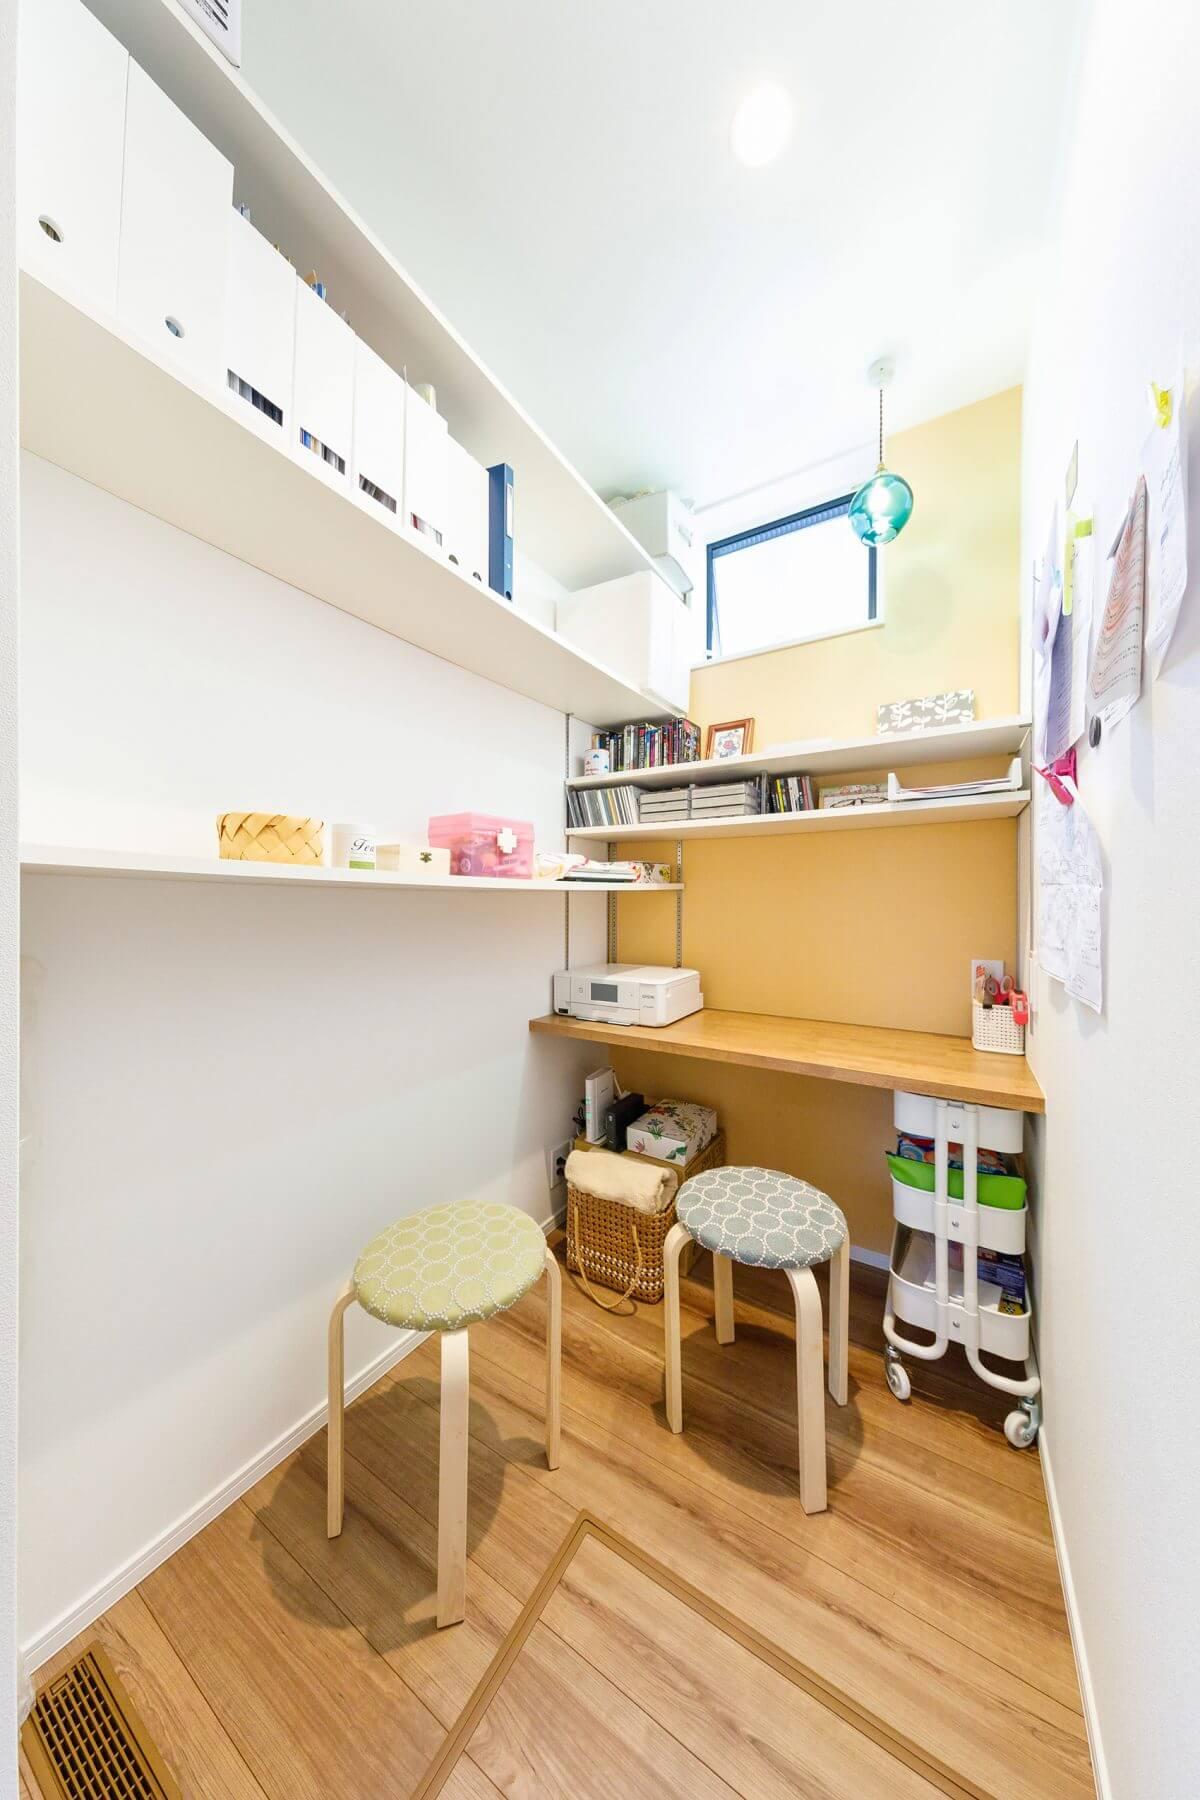 日常の家事や書類仕事をこなす、奥様のユーティリティスペース。個室になっており、趣味に没頭することもできる、ONとOFFを切り替える大切な空間です。